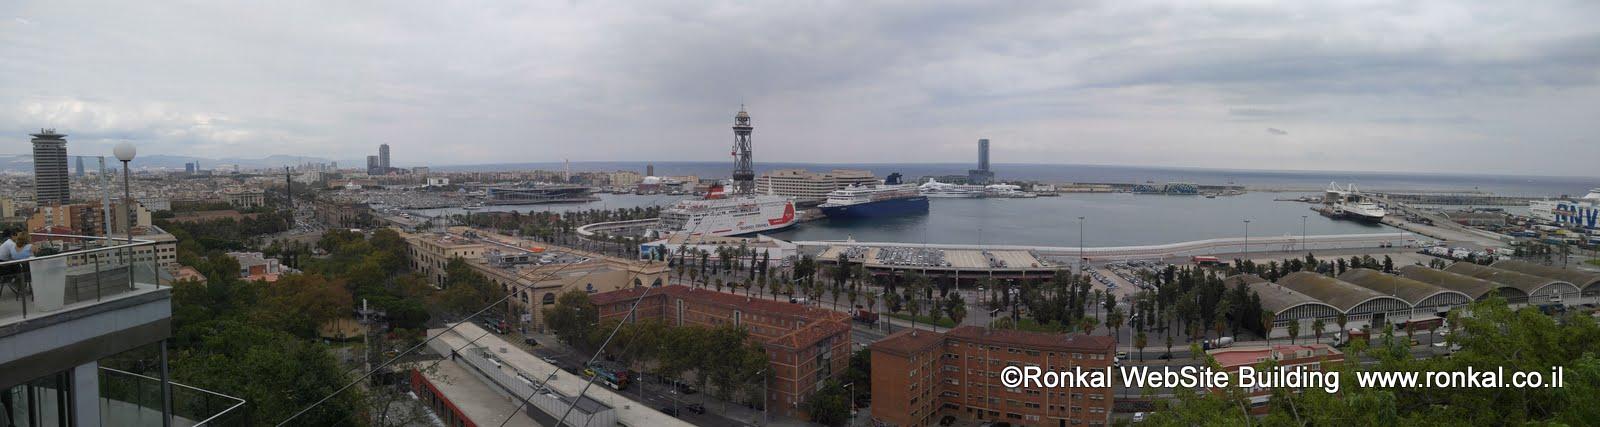 נמל של ברצלונה עם אוניות פאר , port vell